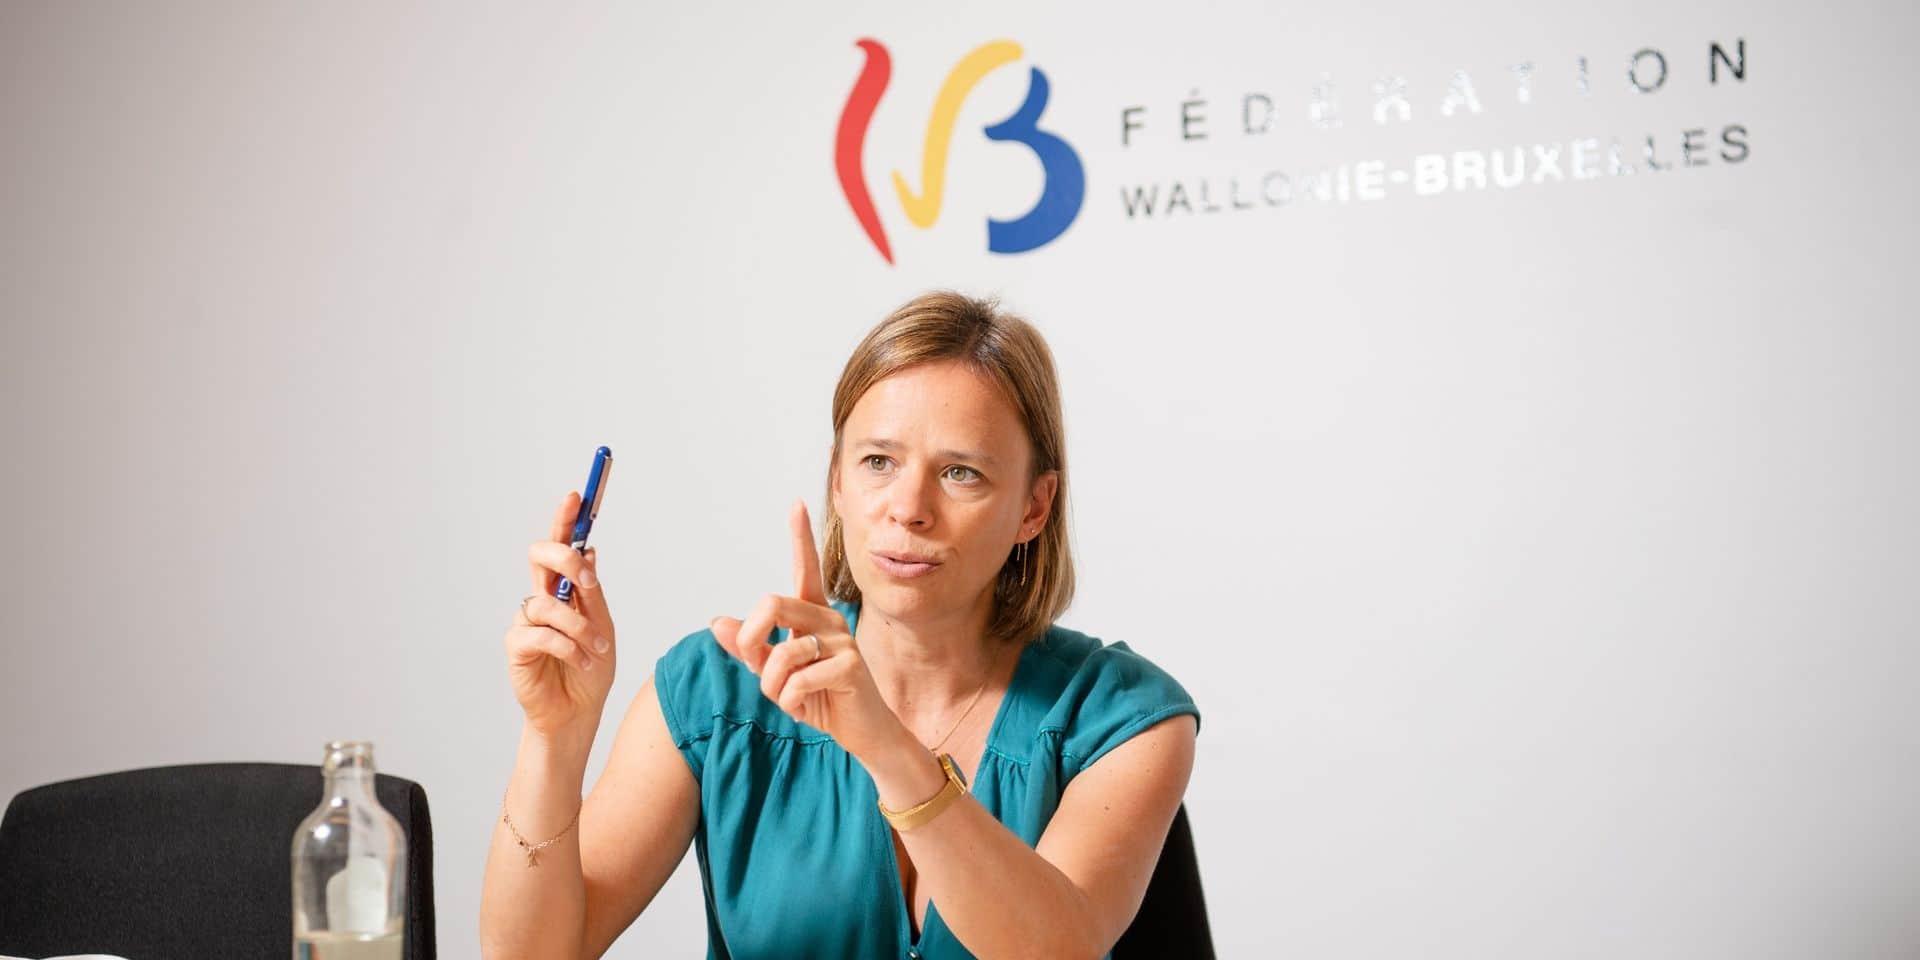 Fuites du CE1D: Caroline Désir envisage de porter plainte !